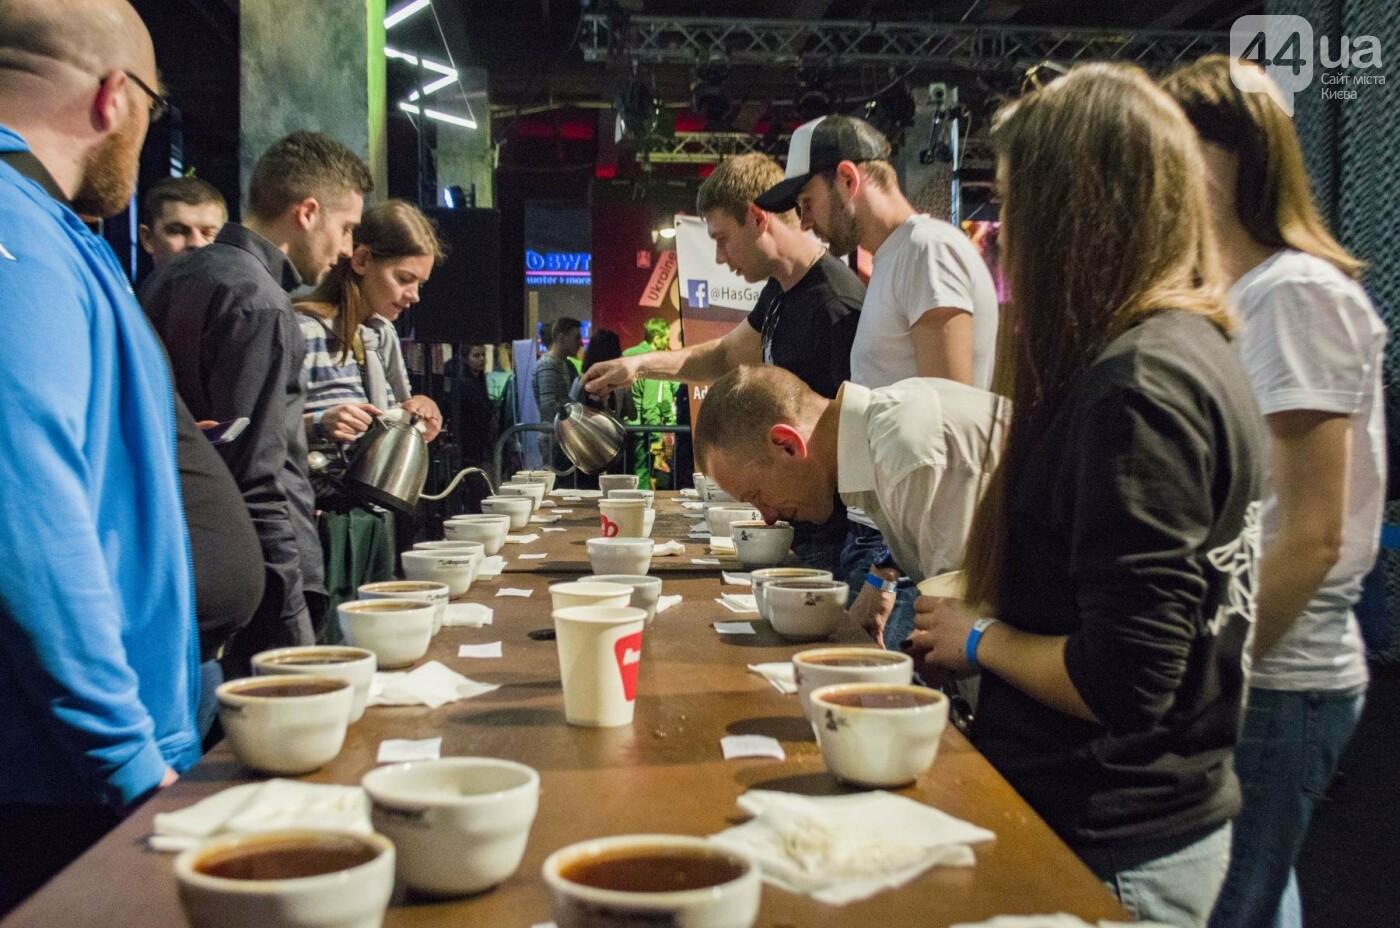 В Киеве прошел самый масштабный кофейный фестиваль страны, фото-7